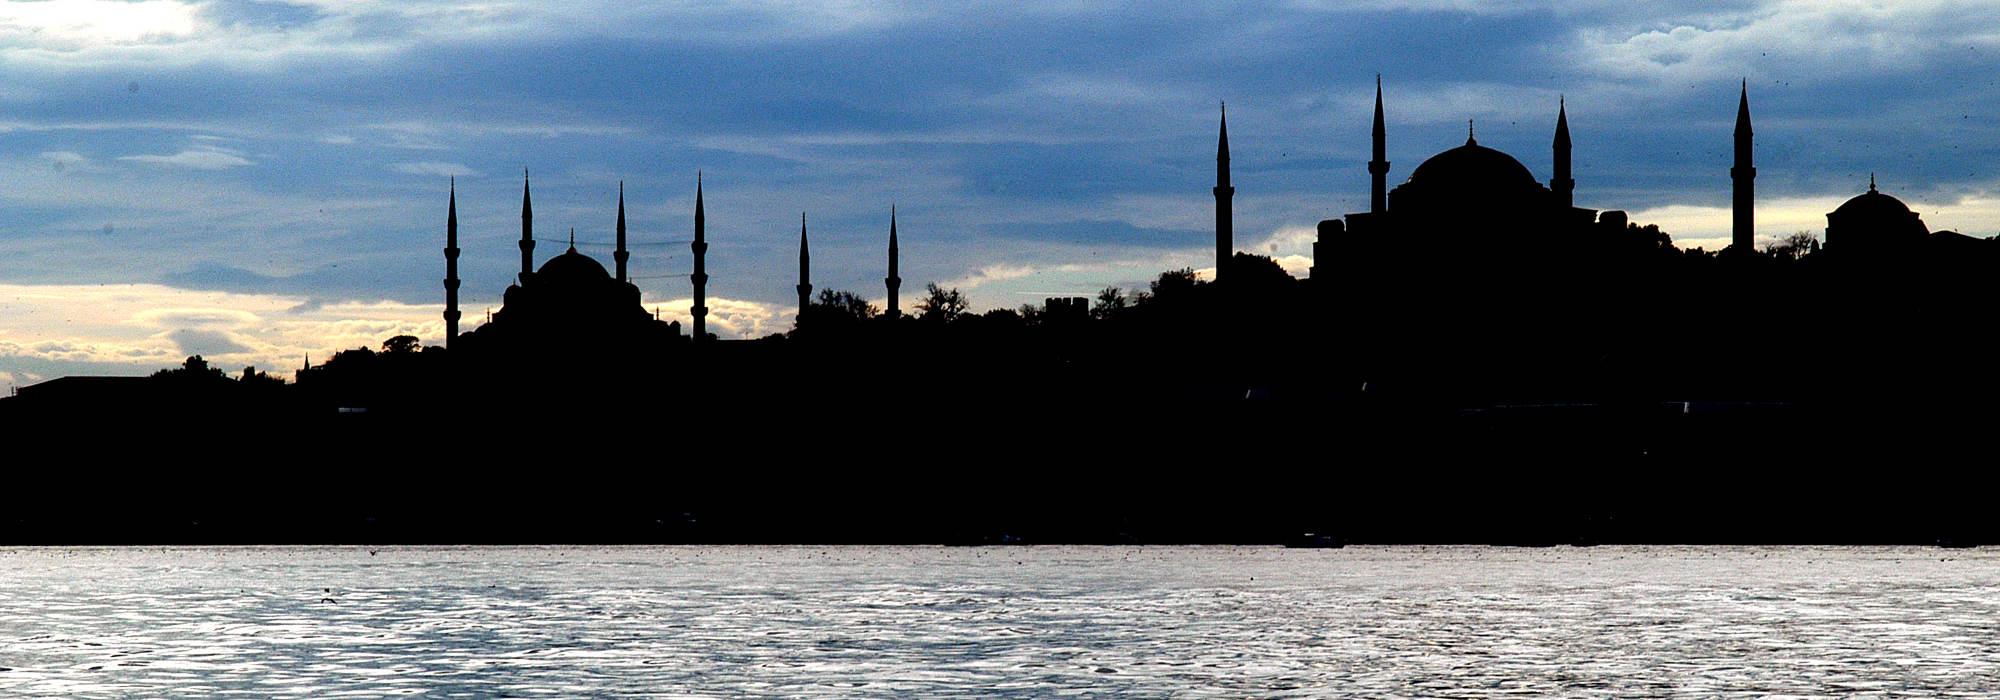 اختر شقتك في قلب العالم في اسطنبول